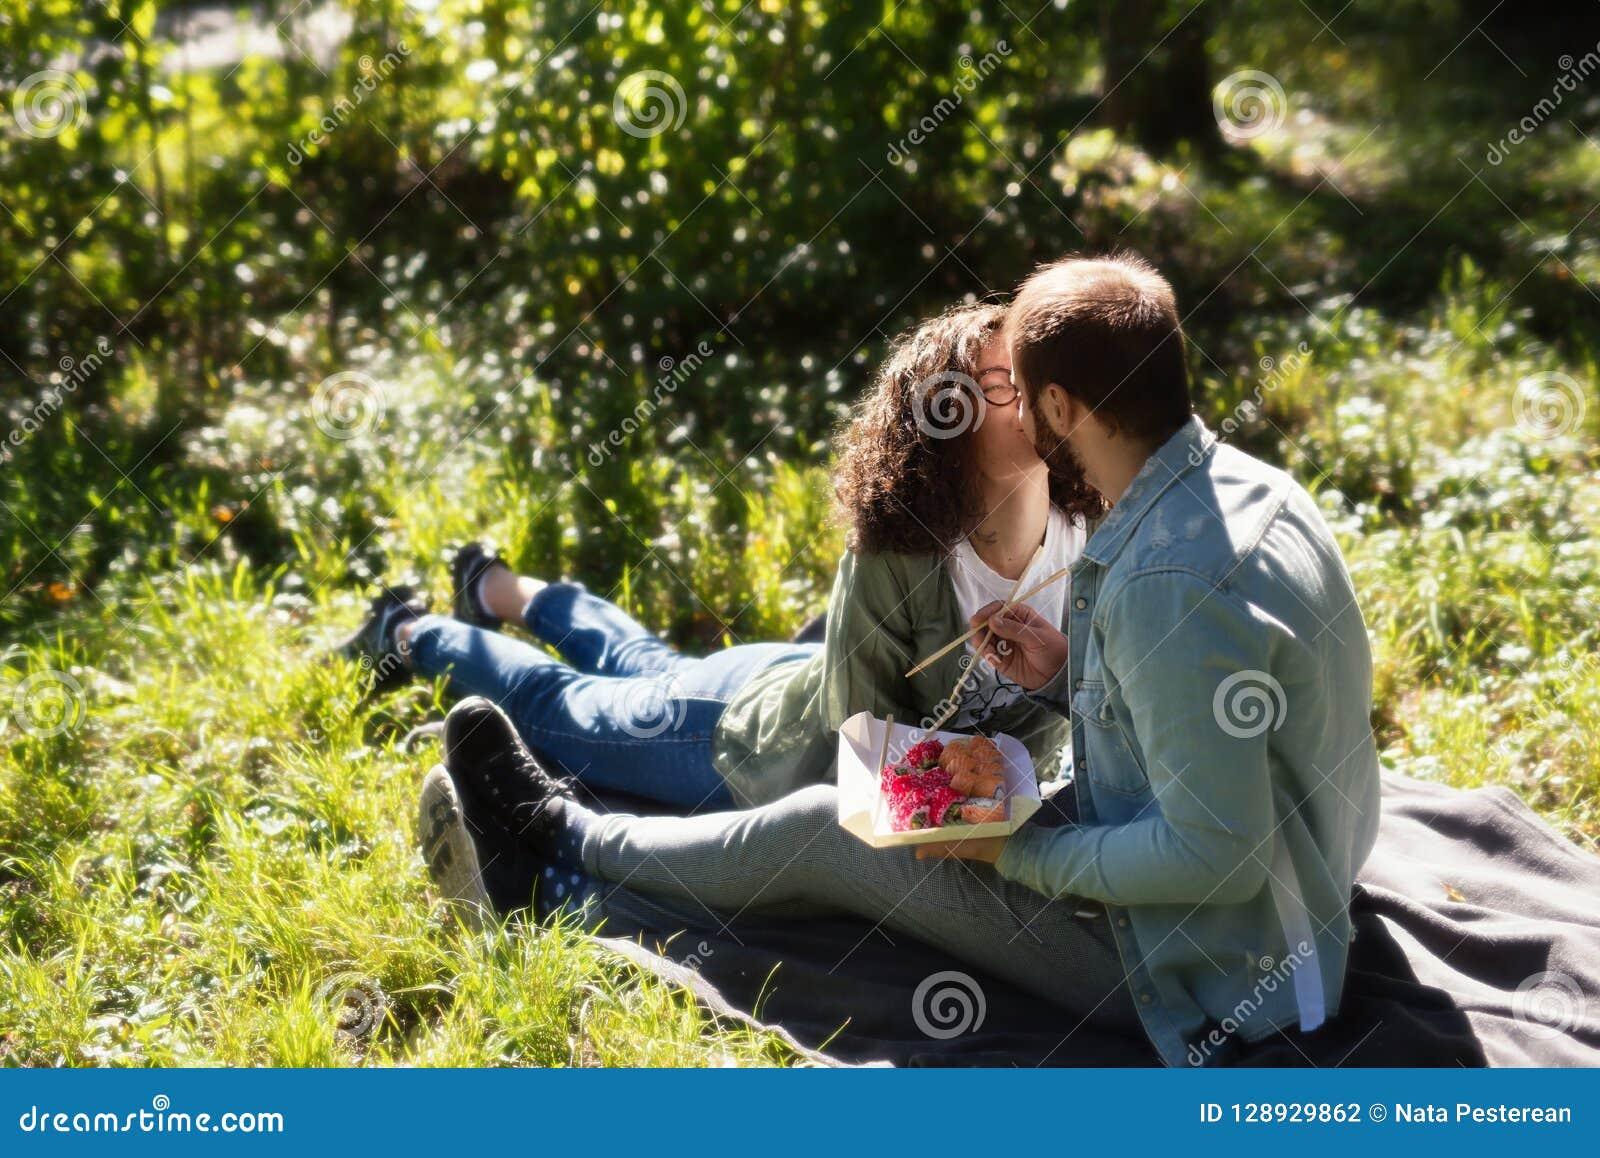 Έννοια αγάπης, σχέσης, οικογενειών και ανθρώπων - χαμογελώντας ζεύγος που αγκαλιάζει στο πάρκο φθινοπώρου